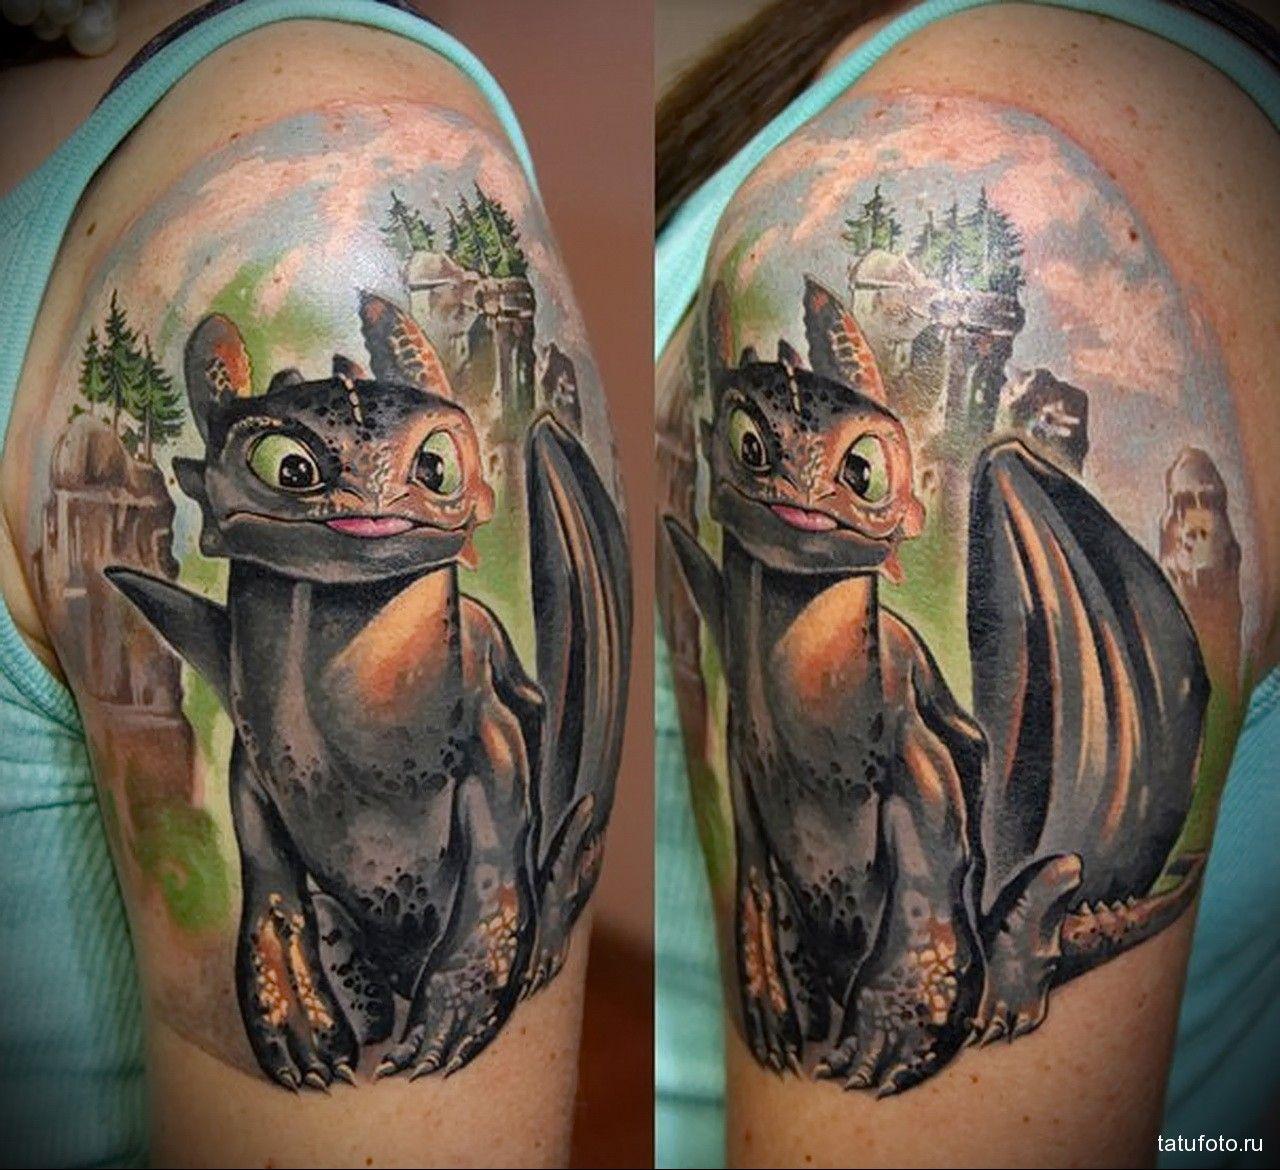 мелодраматическом многосерийном тату дракона беззубика фото напоминает тонкий вкус